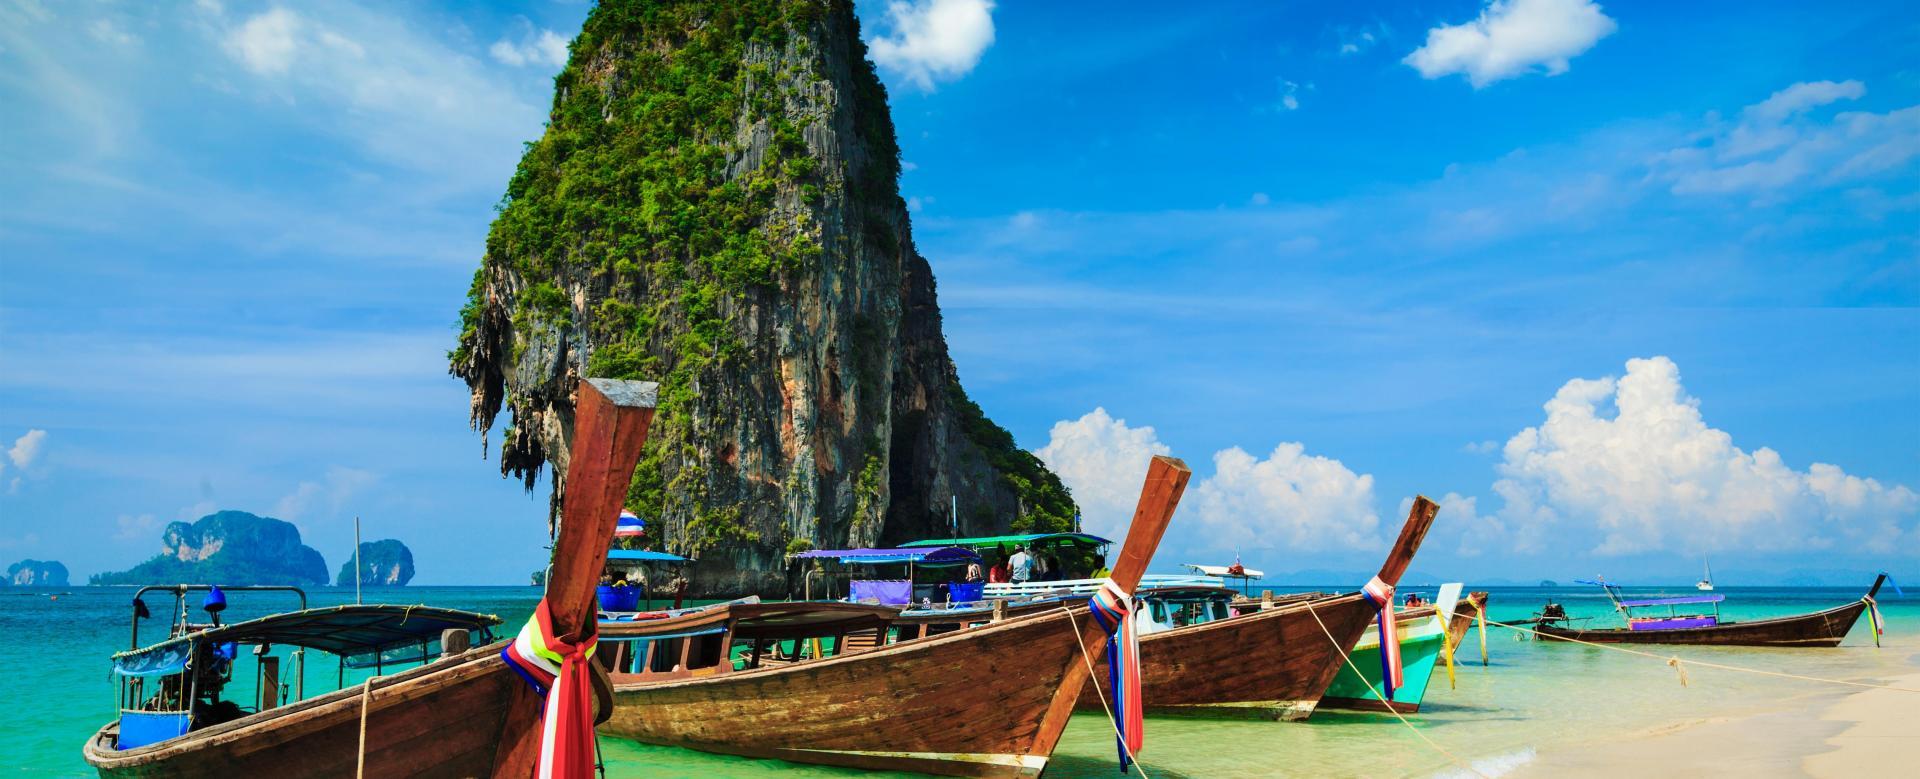 Voyage à pied : Parcs du sud et plages de krabi